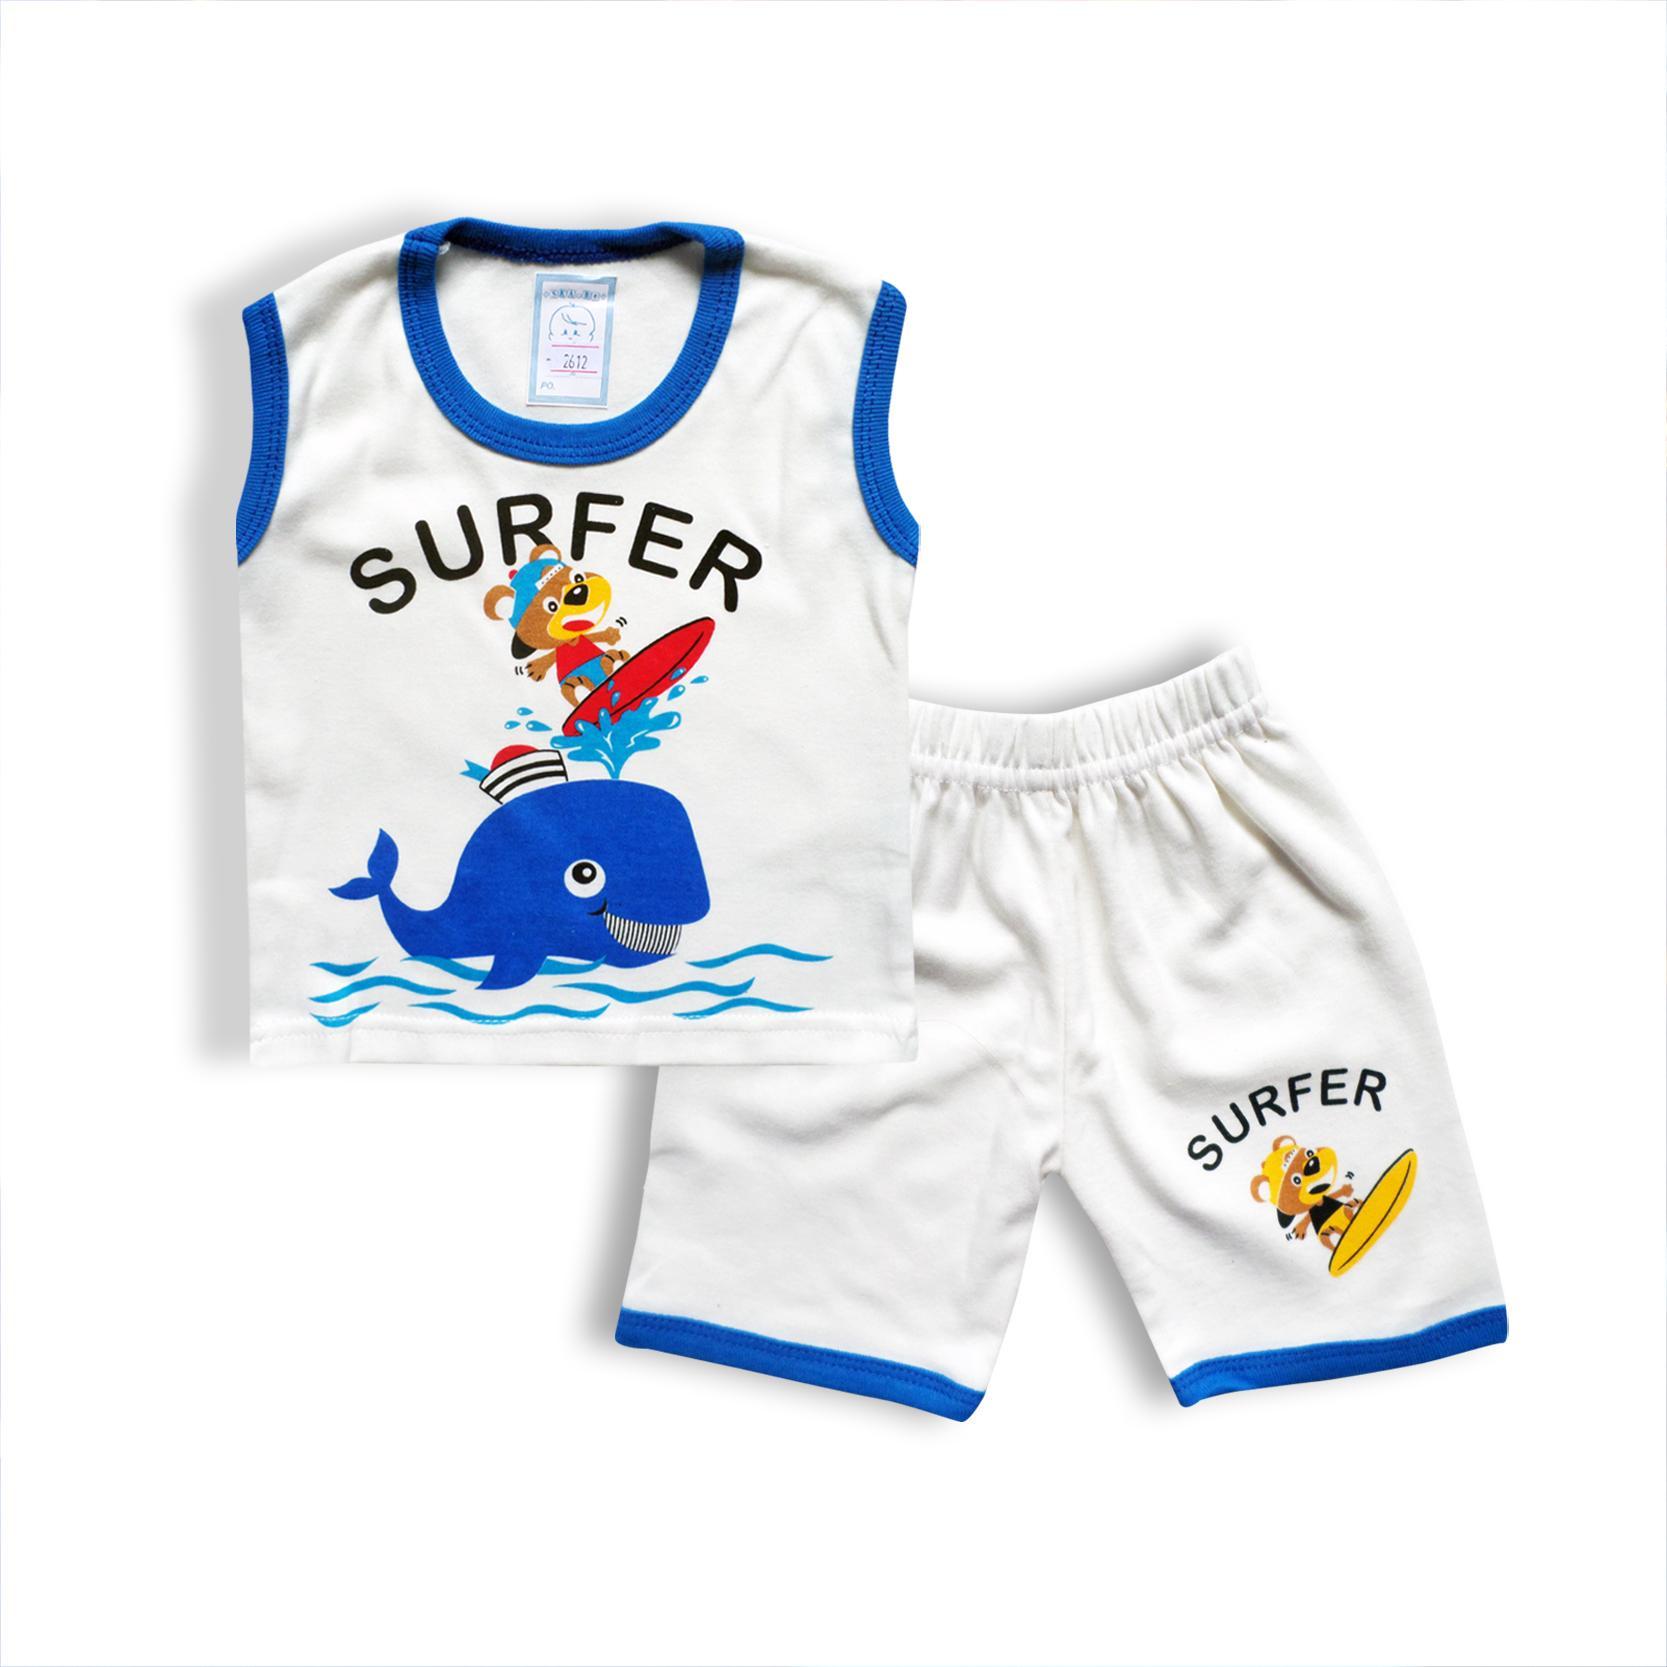 Skabe Baby Putih Baju Singlet Anak Laki Setelan Kaos 2612